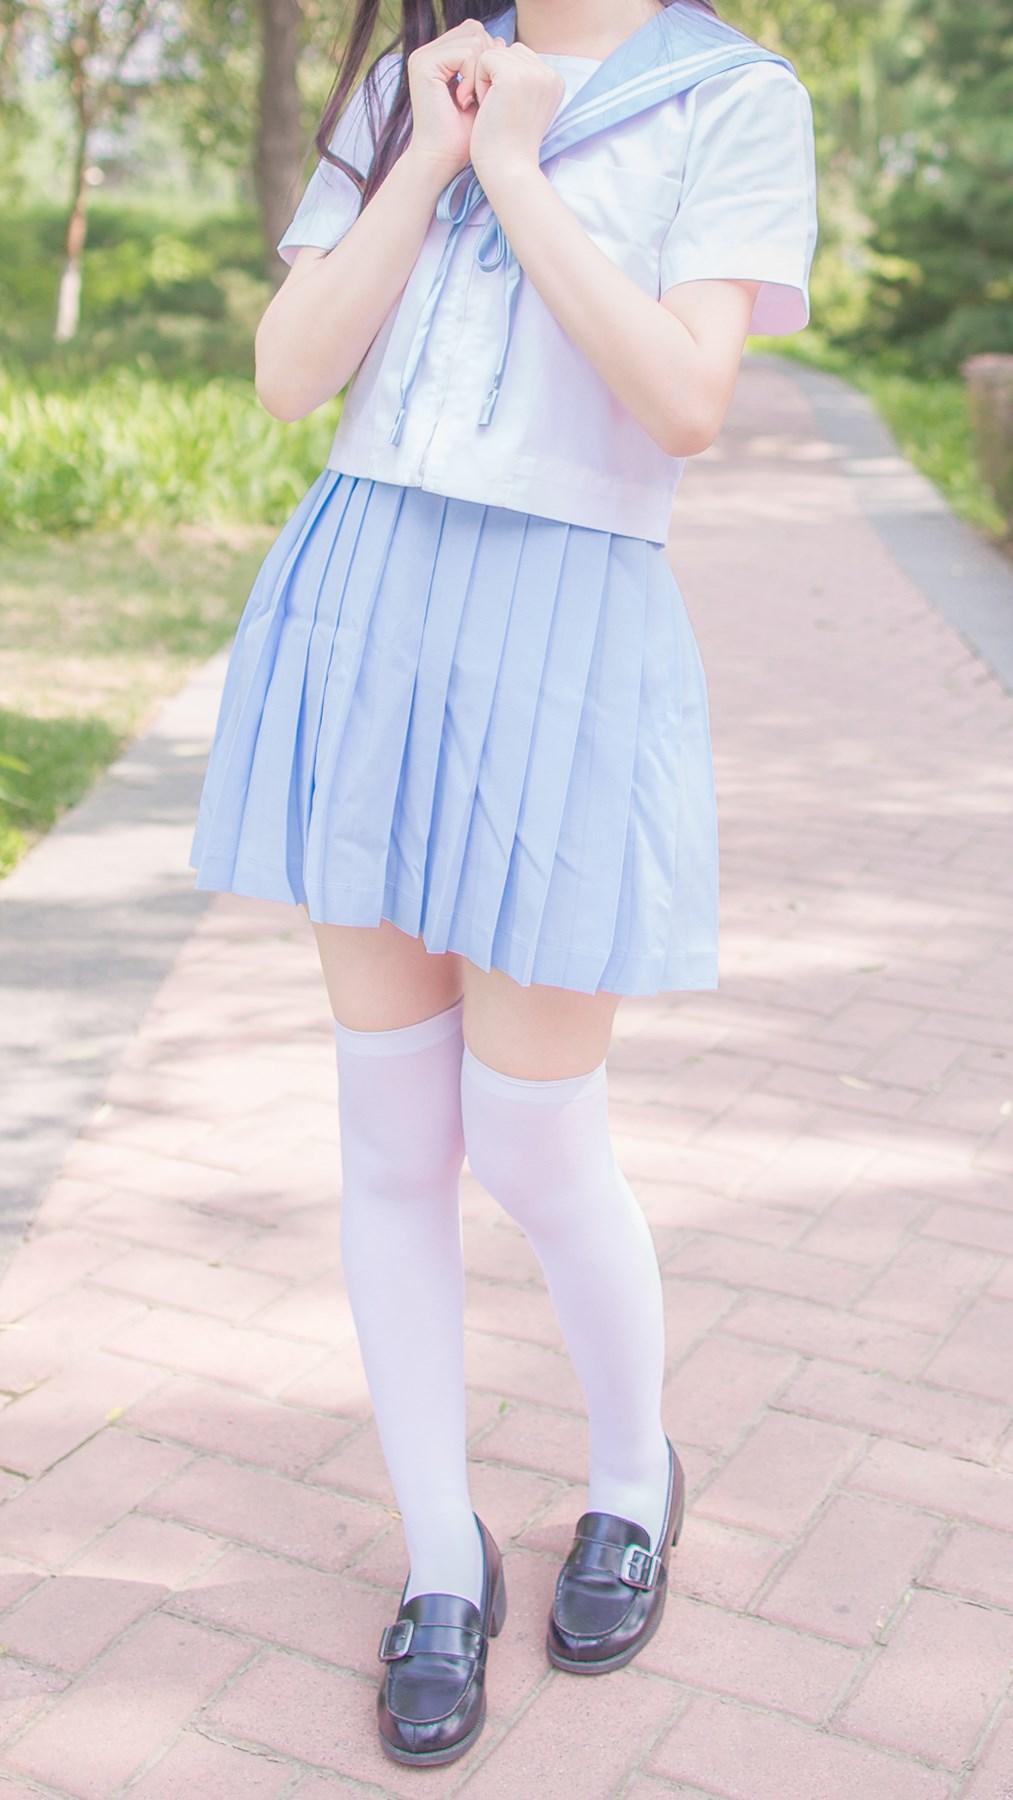 【兔玩映画】水手服 兔玩映画 第1张